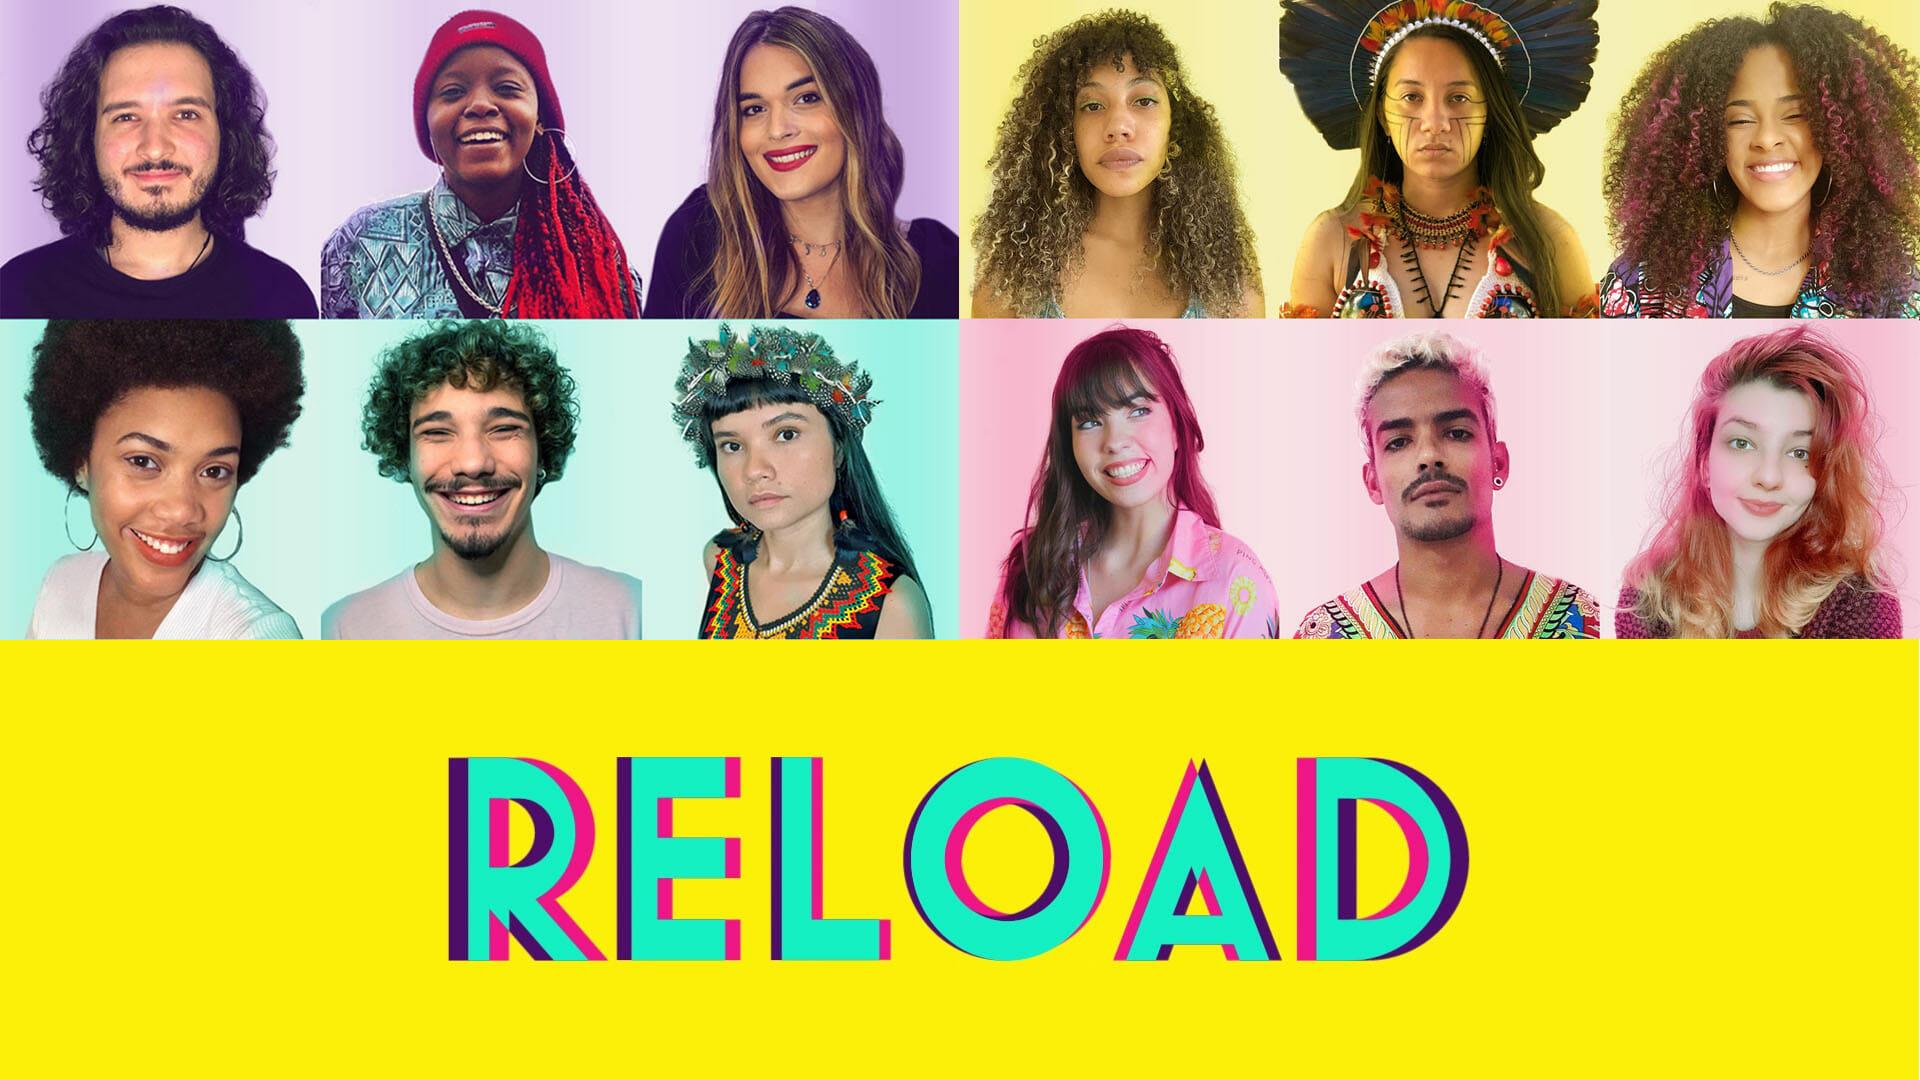 Dez mídias independentes lançam o Canal Reload para distribuir notícias a jovens